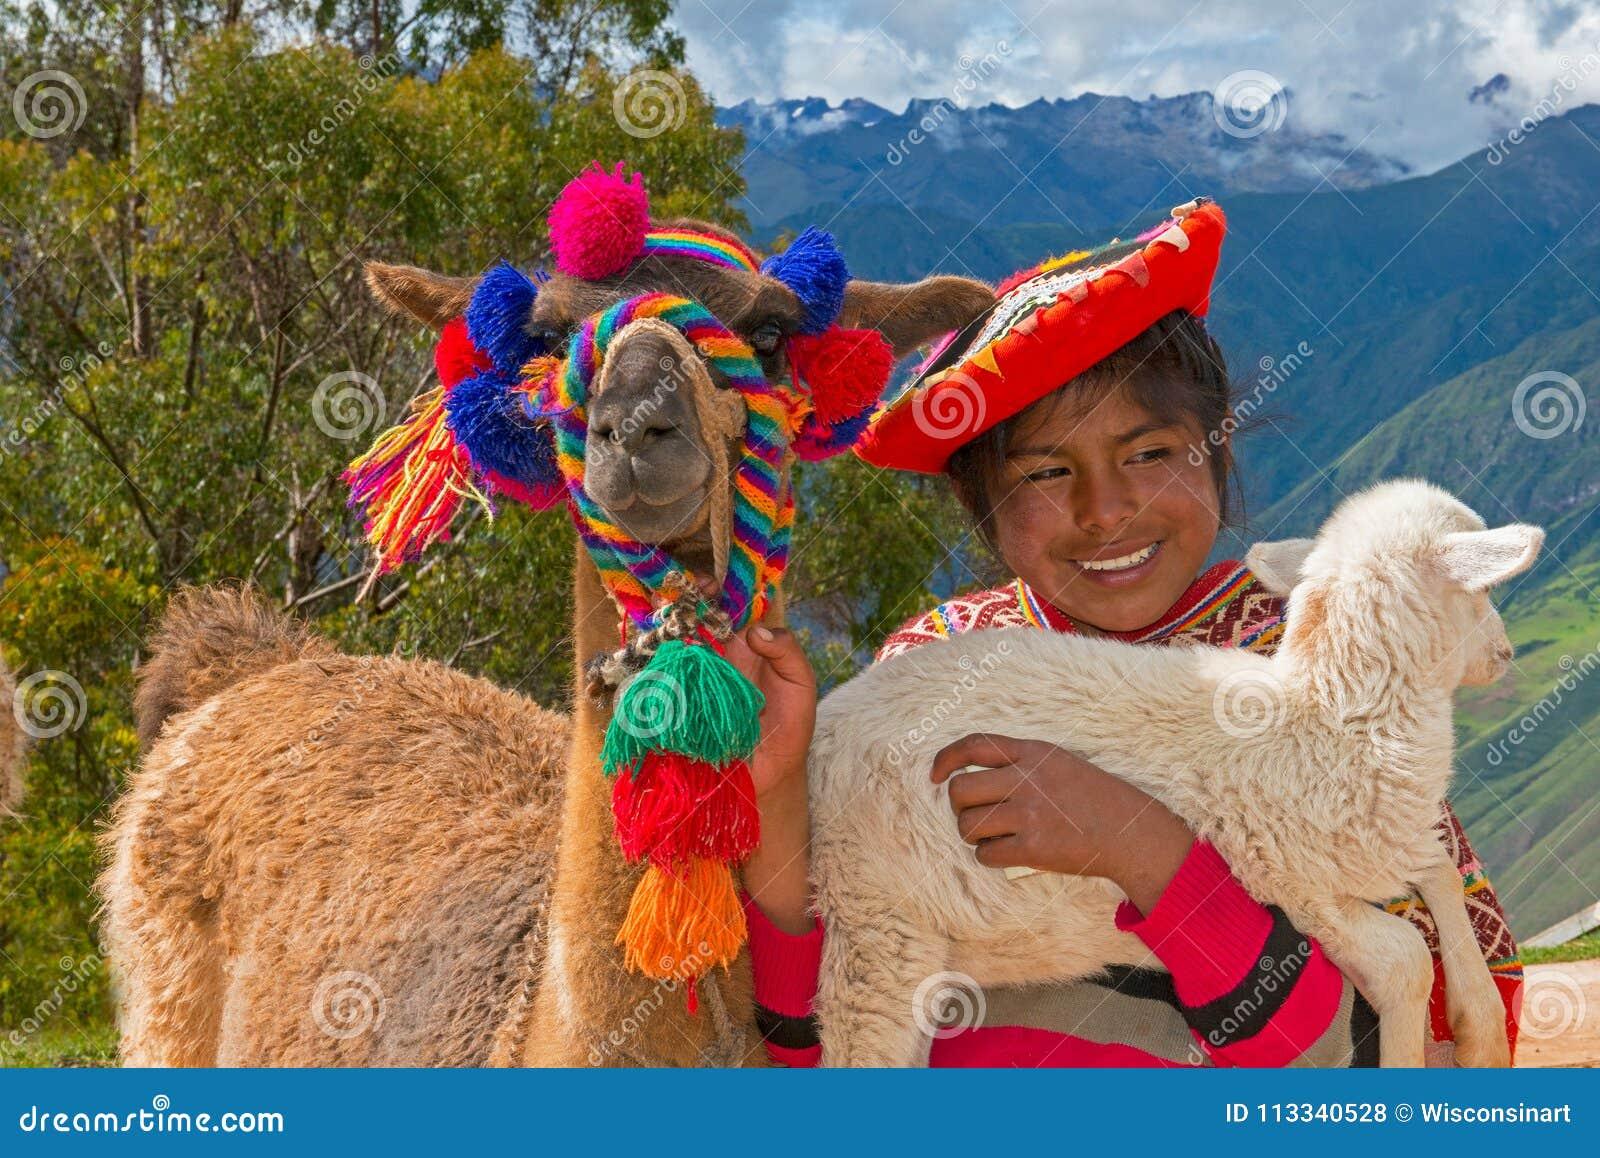 Маленькая девочка, люди Перу, перемещение